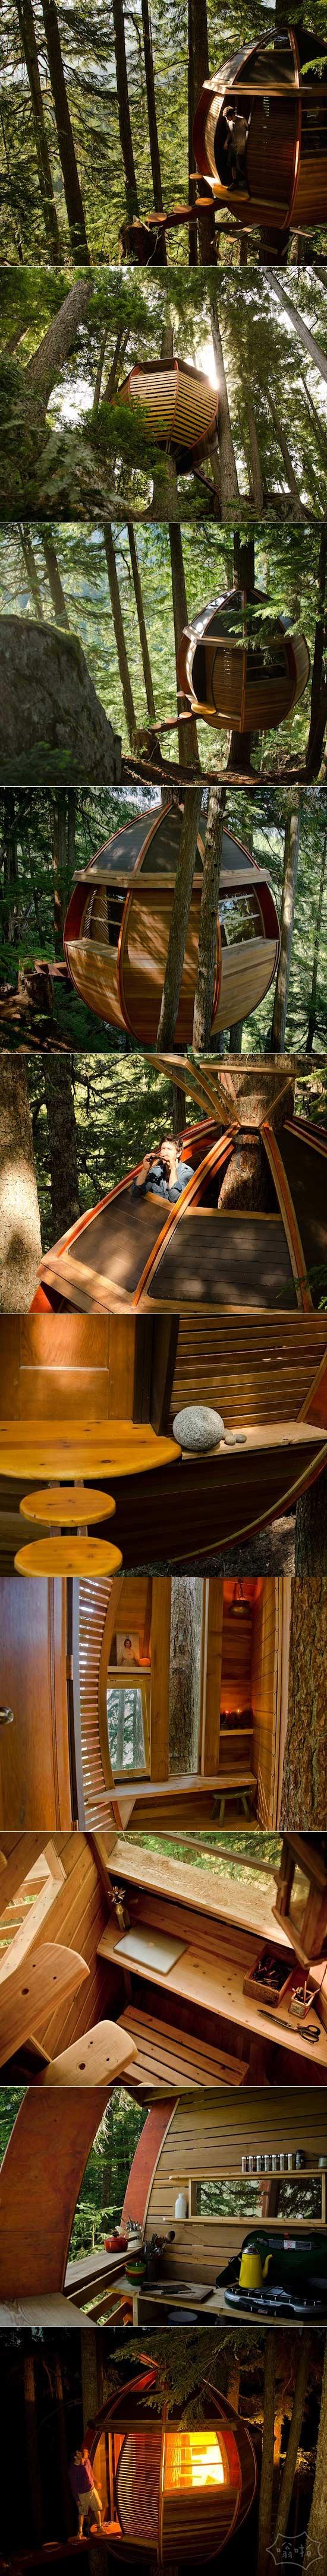 蛋形树屋偷偷坐落在加拿大森林